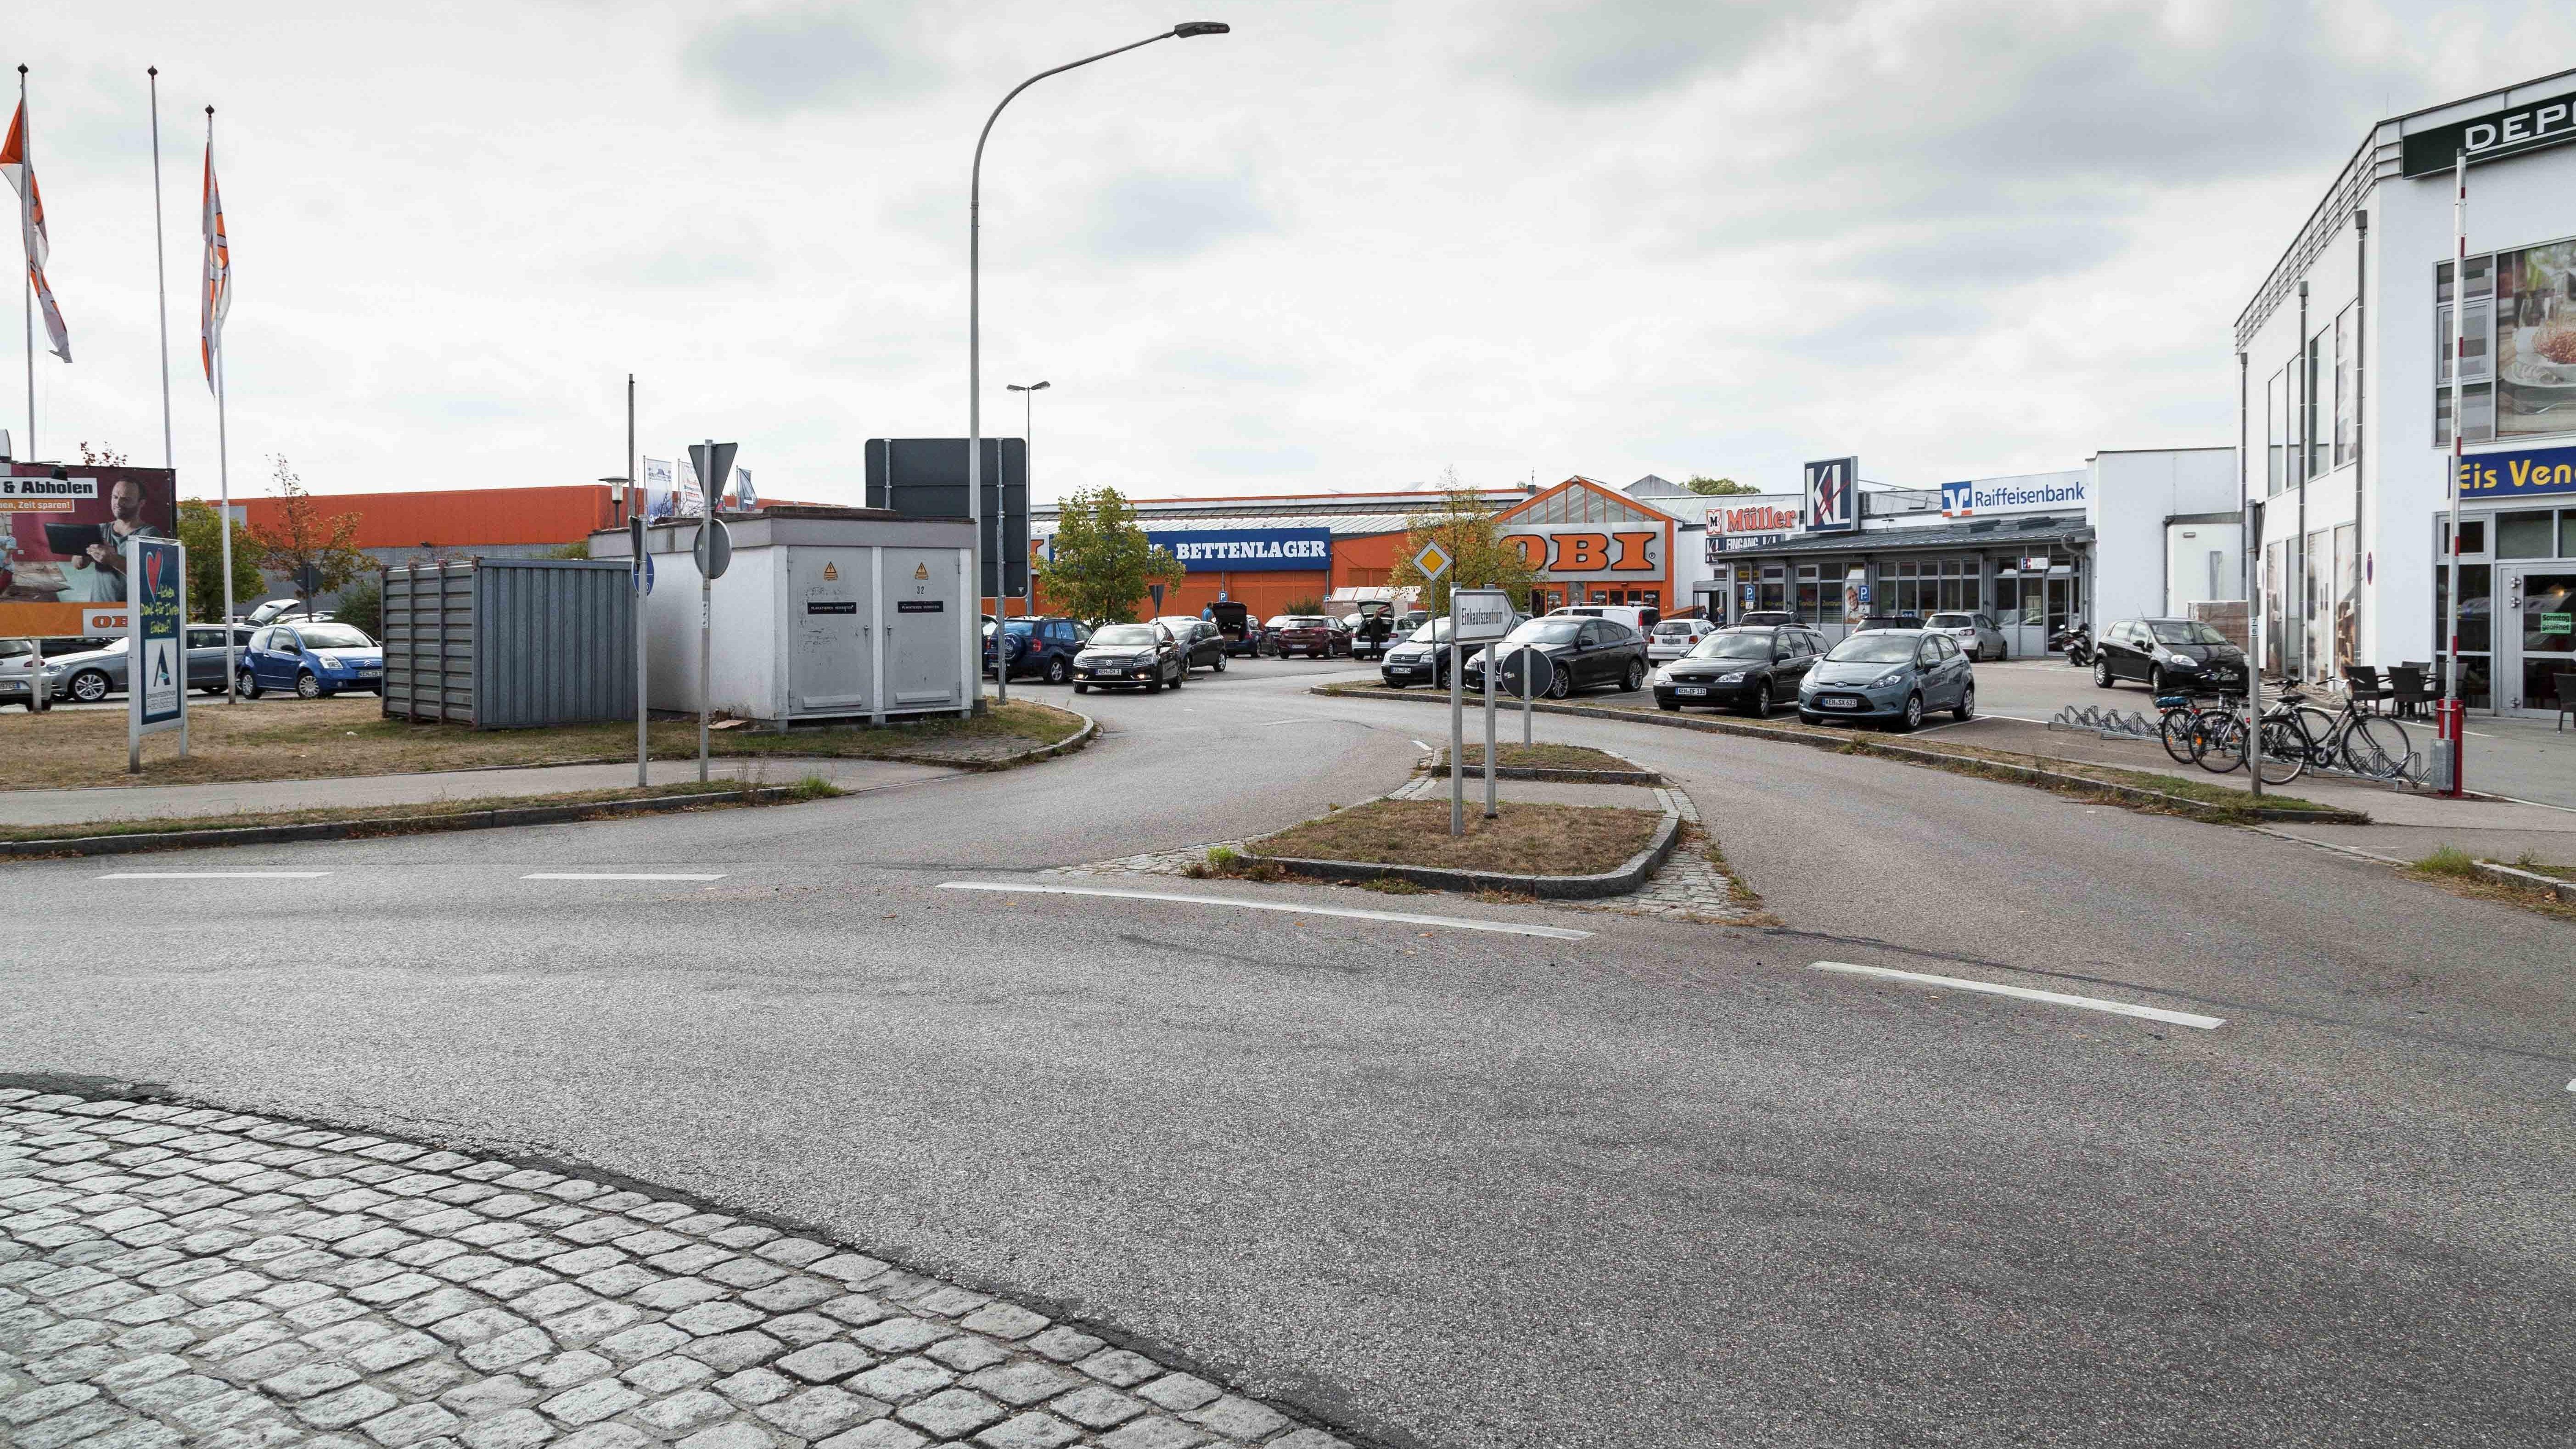 Beispiel für Flächenverbrauch: Marktflächen in Abensberg in Oberbayern